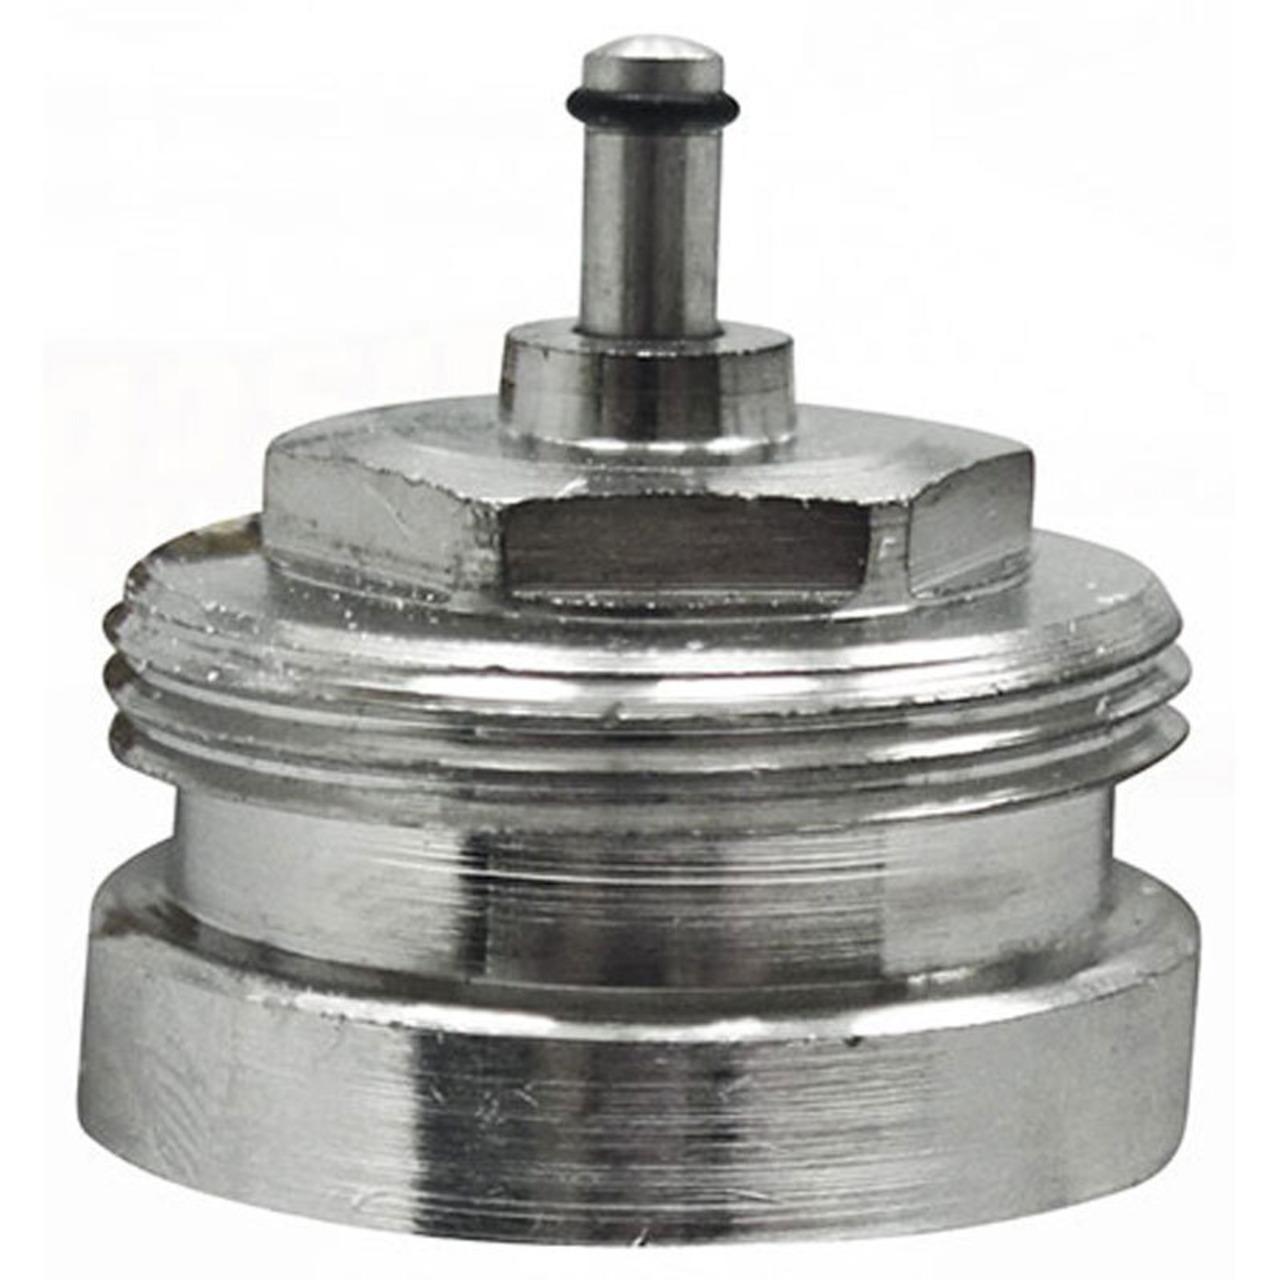 Heizungsventiladapter für Herz M28 x 1-5 (Messing)